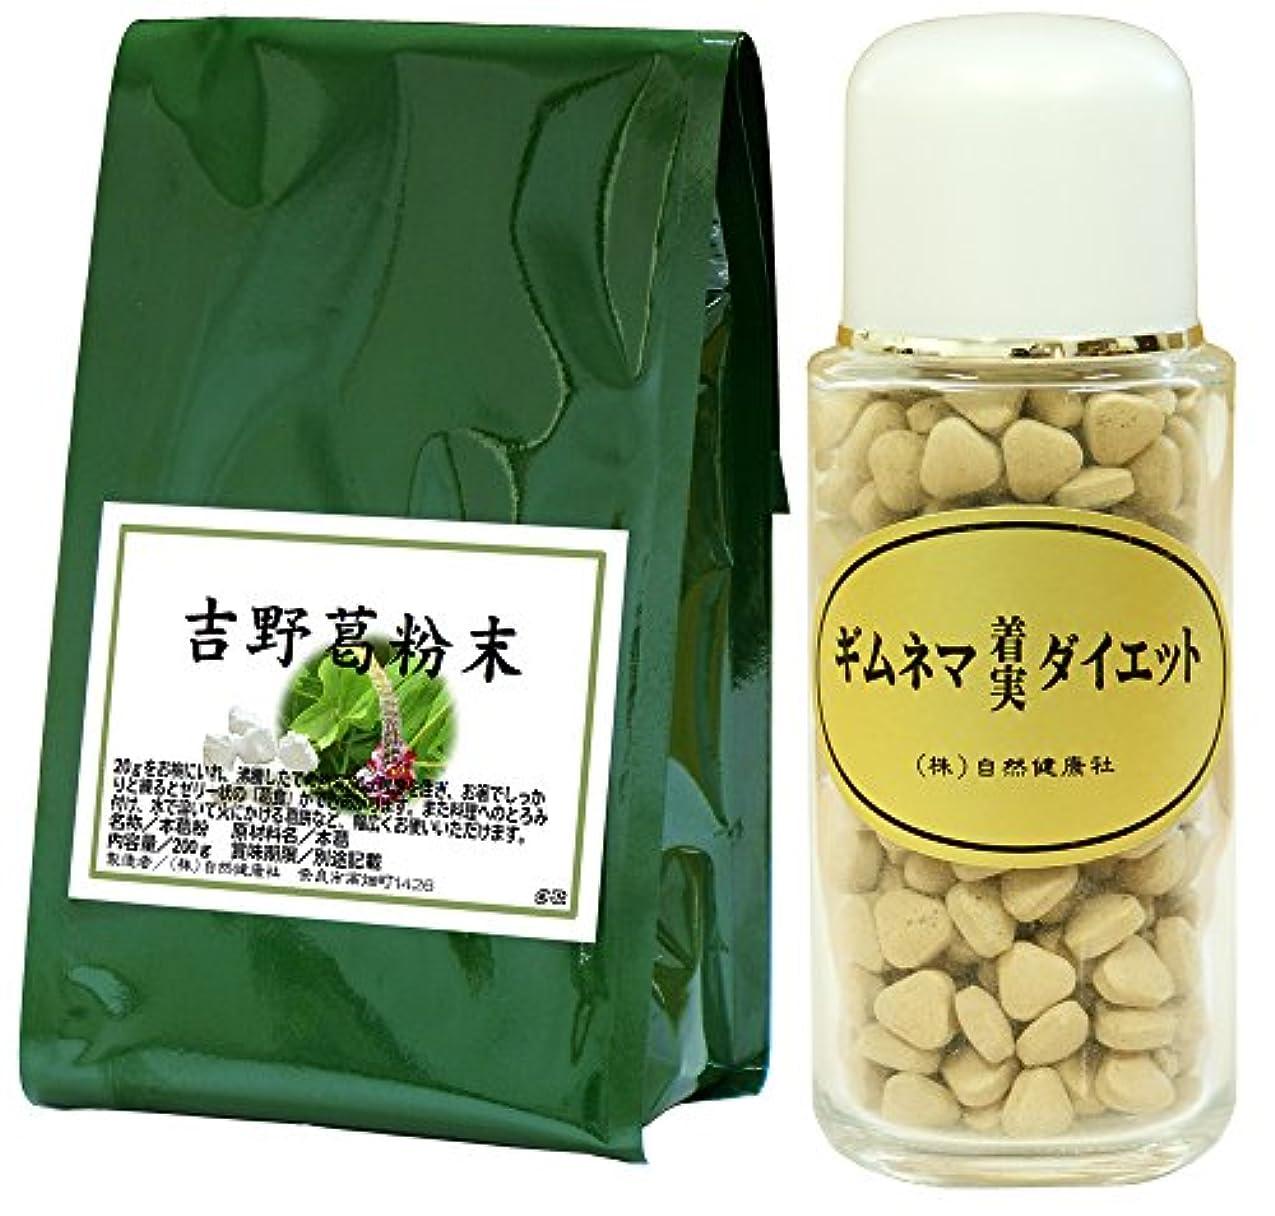 オーバーコート伝導ビーズ自然健康社 国産吉野葛粉末 200g + ギムネマダイエット 90g